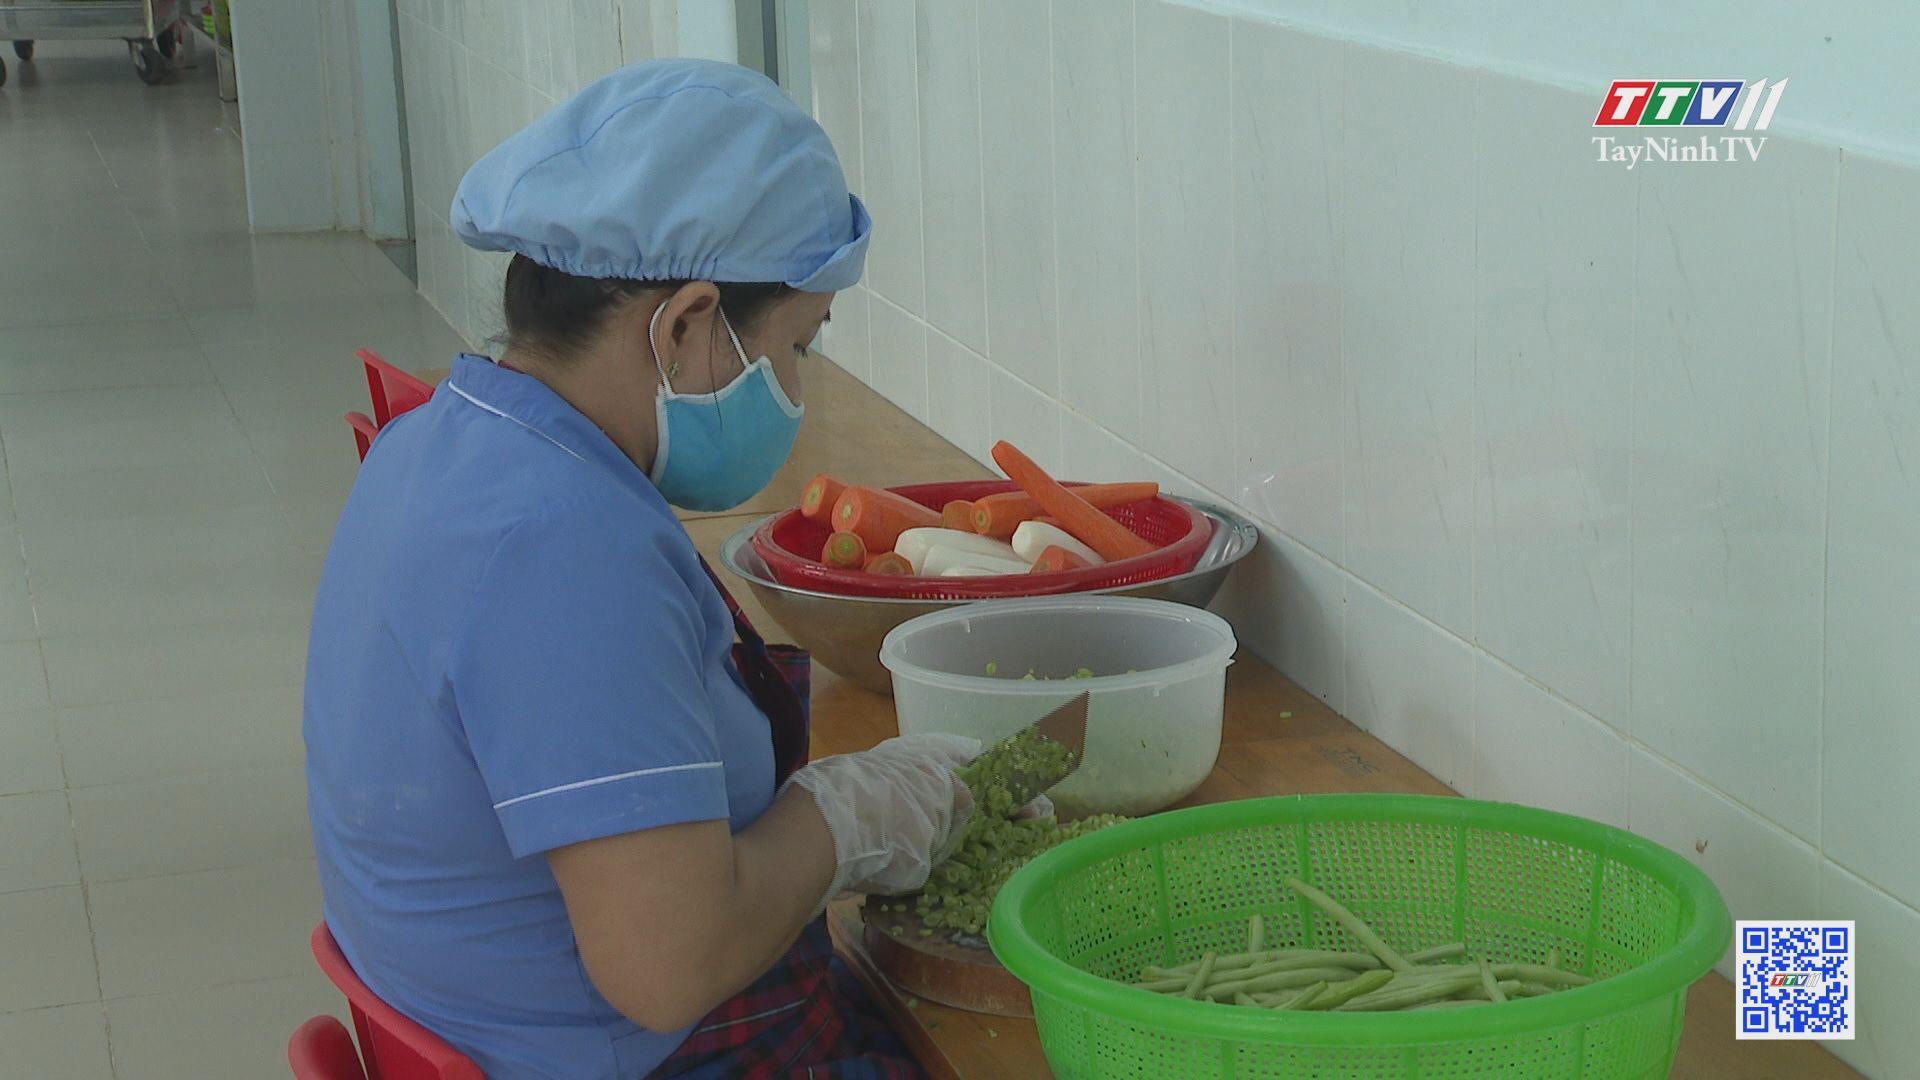 Đảm bảo an toàn vệ sinh thực phẩm trong trường học góp phần nâng cao chất lượng giáo dục | GIÁO DỤC VÀ ĐÀO TẠO | TayNinhTV